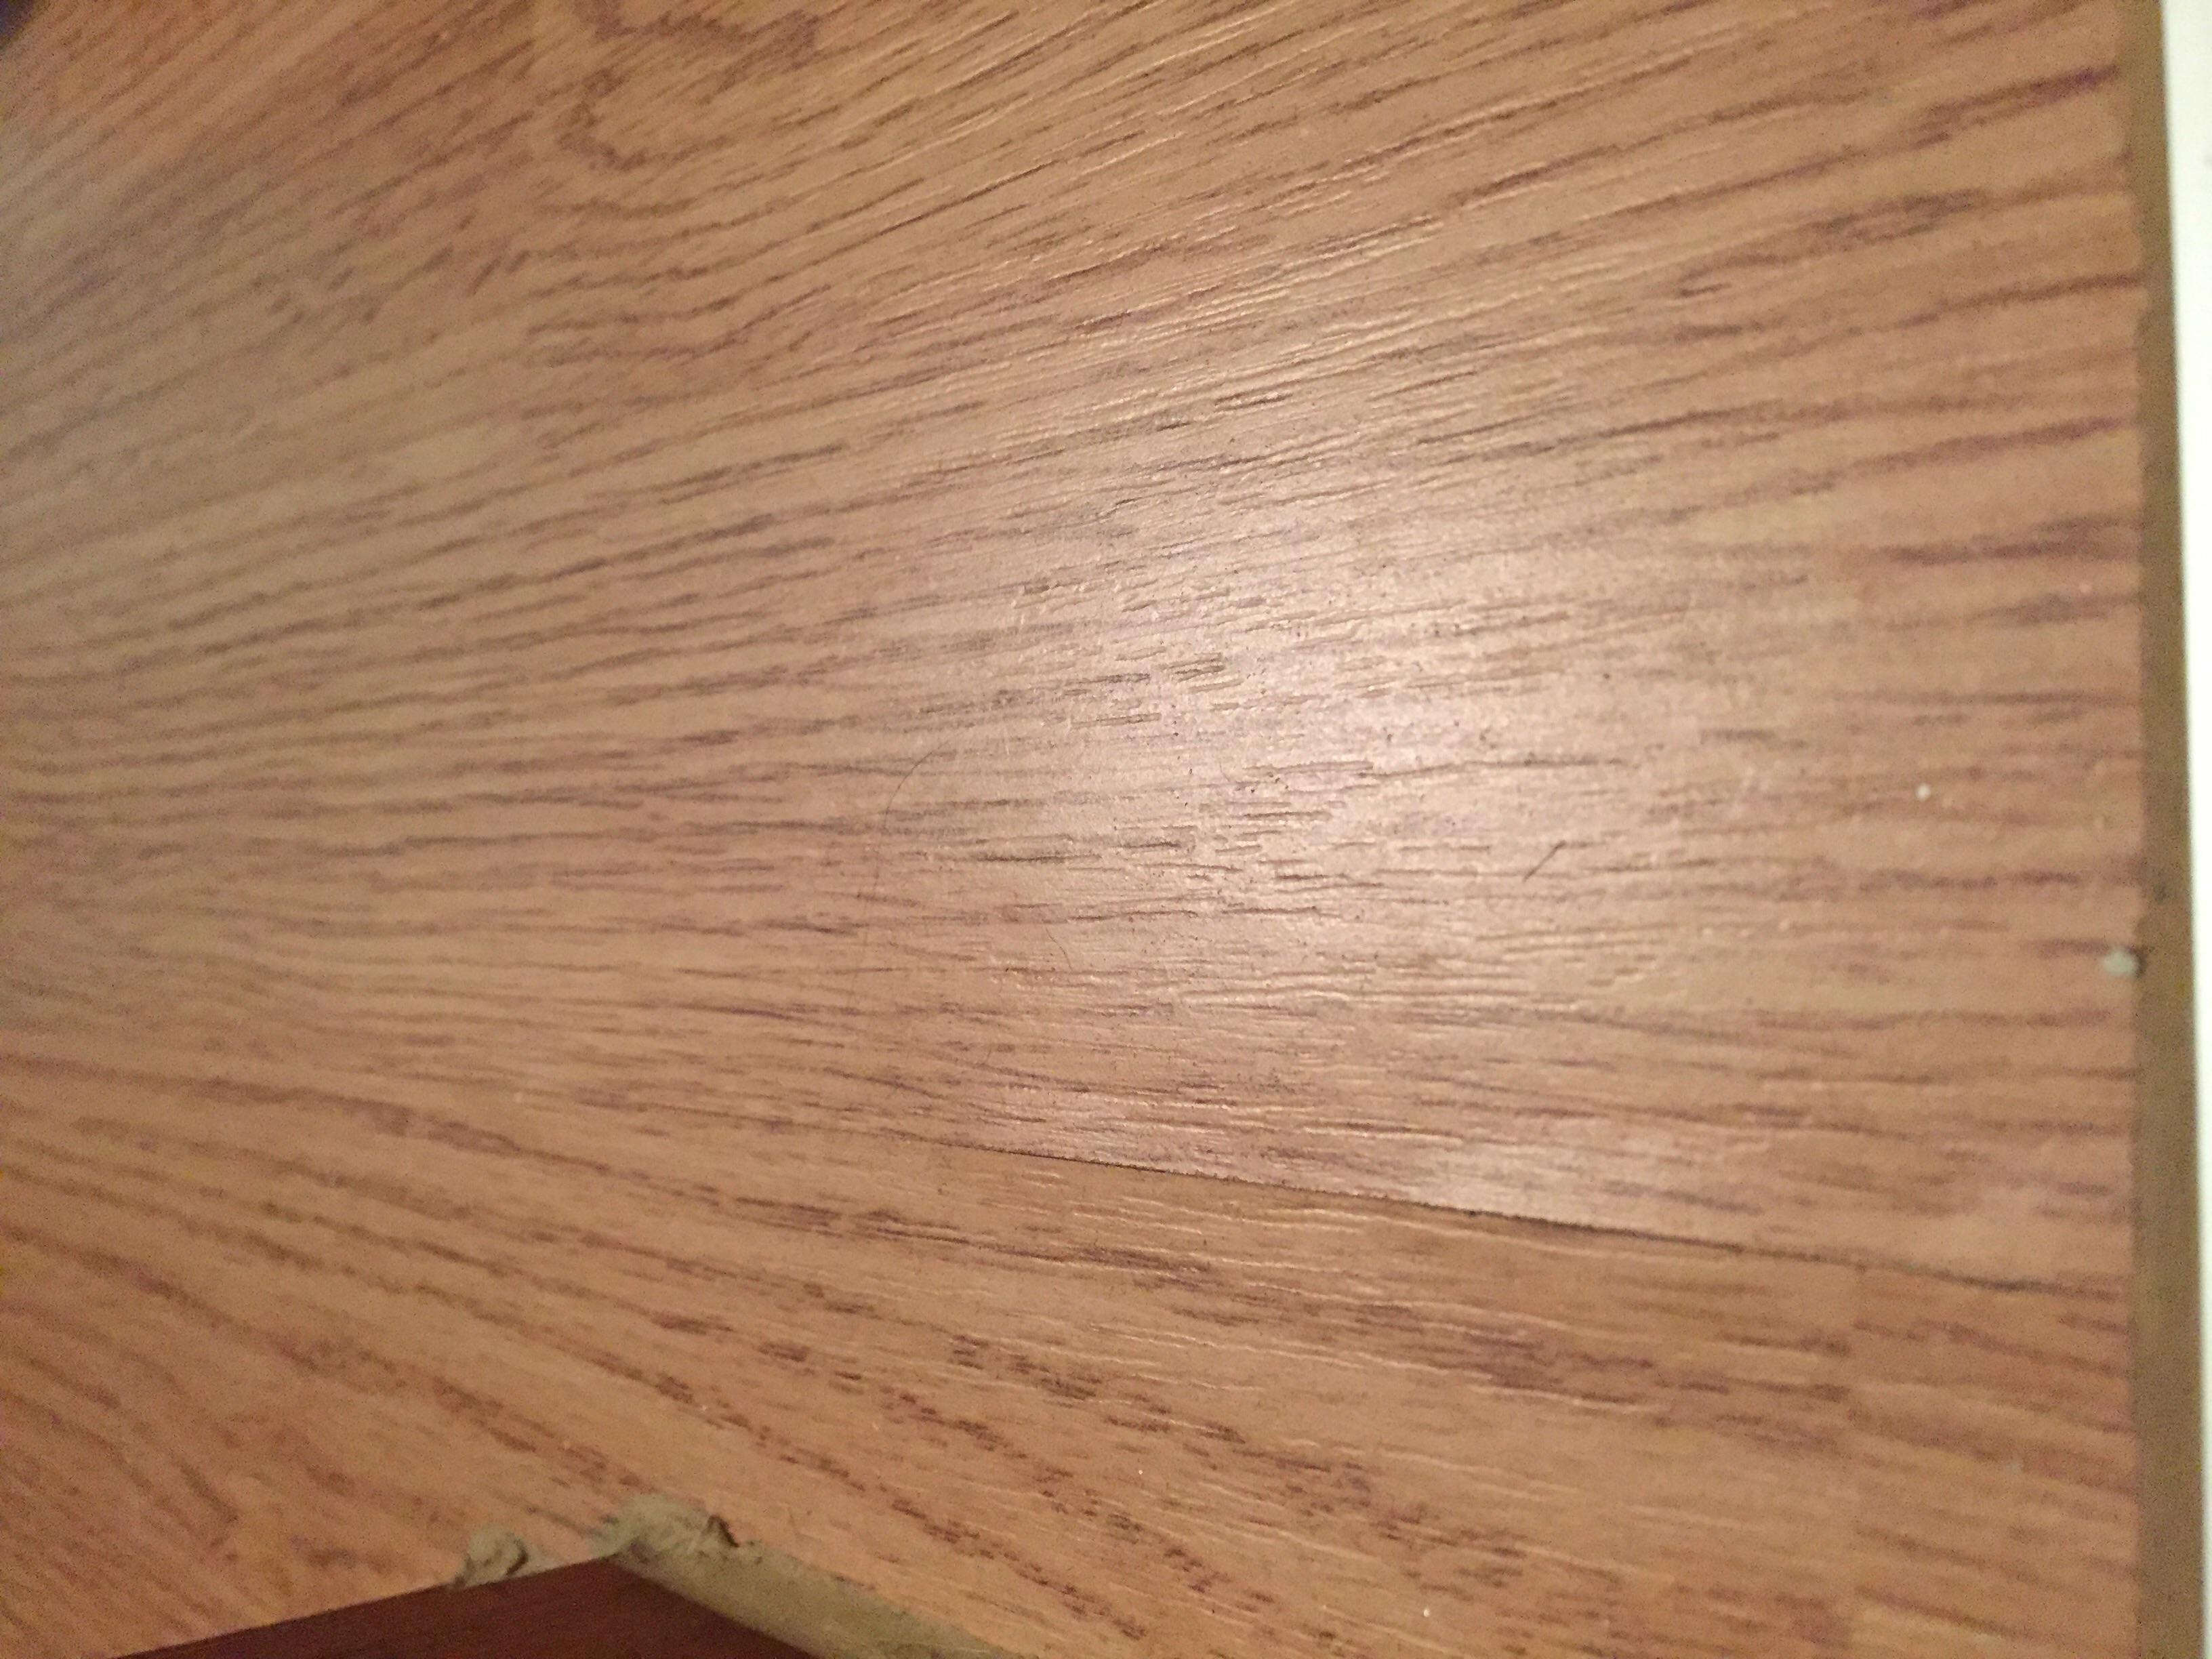 laminat an fu leiste ausgequollen und jetzt schaden. Black Bedroom Furniture Sets. Home Design Ideas